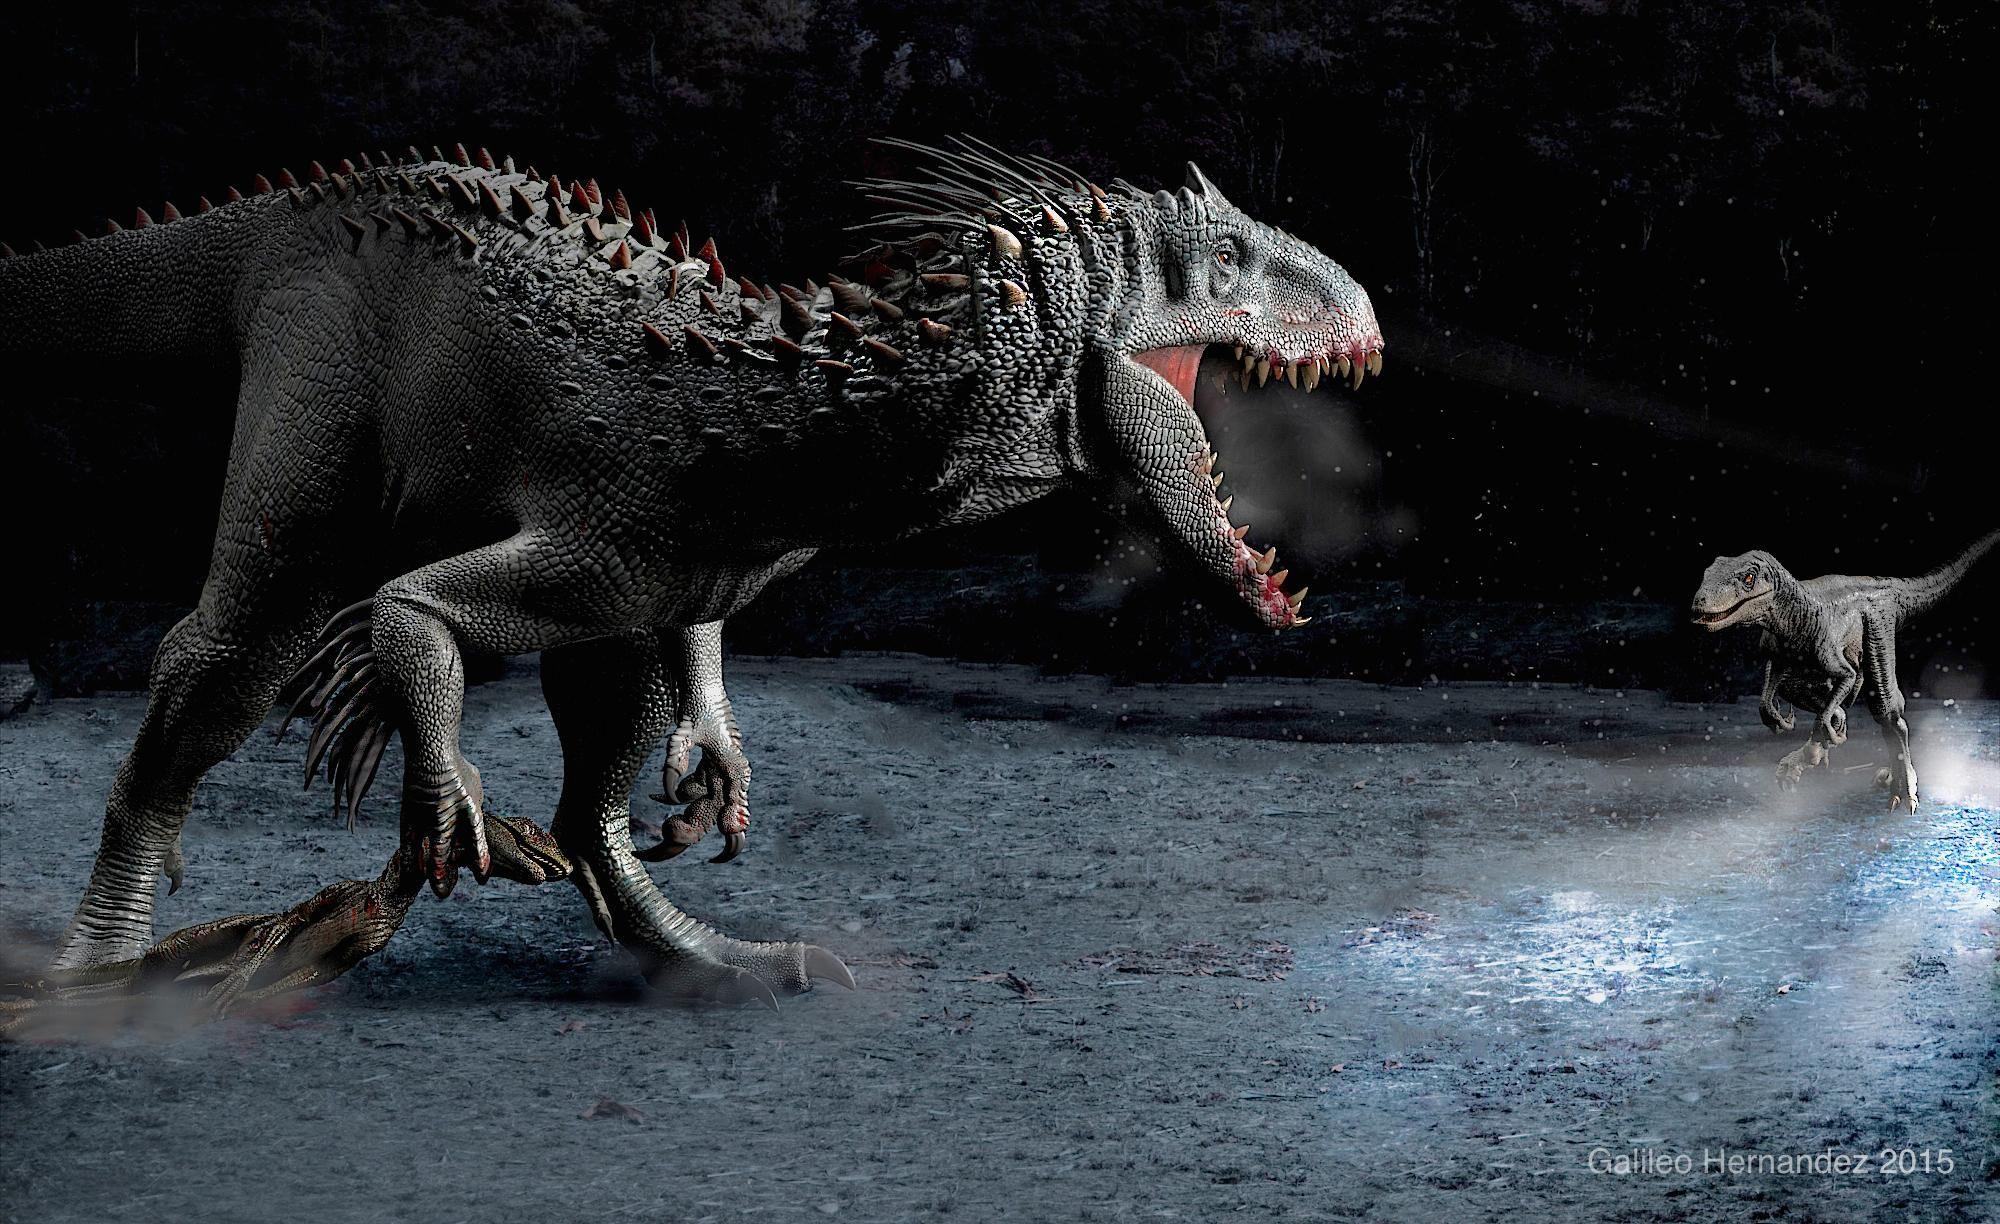 9vz0p354bk8q Jpg 2000 1224 Jurassic World Indominus Rex Jurassic World Jurassic World Dinosaurs